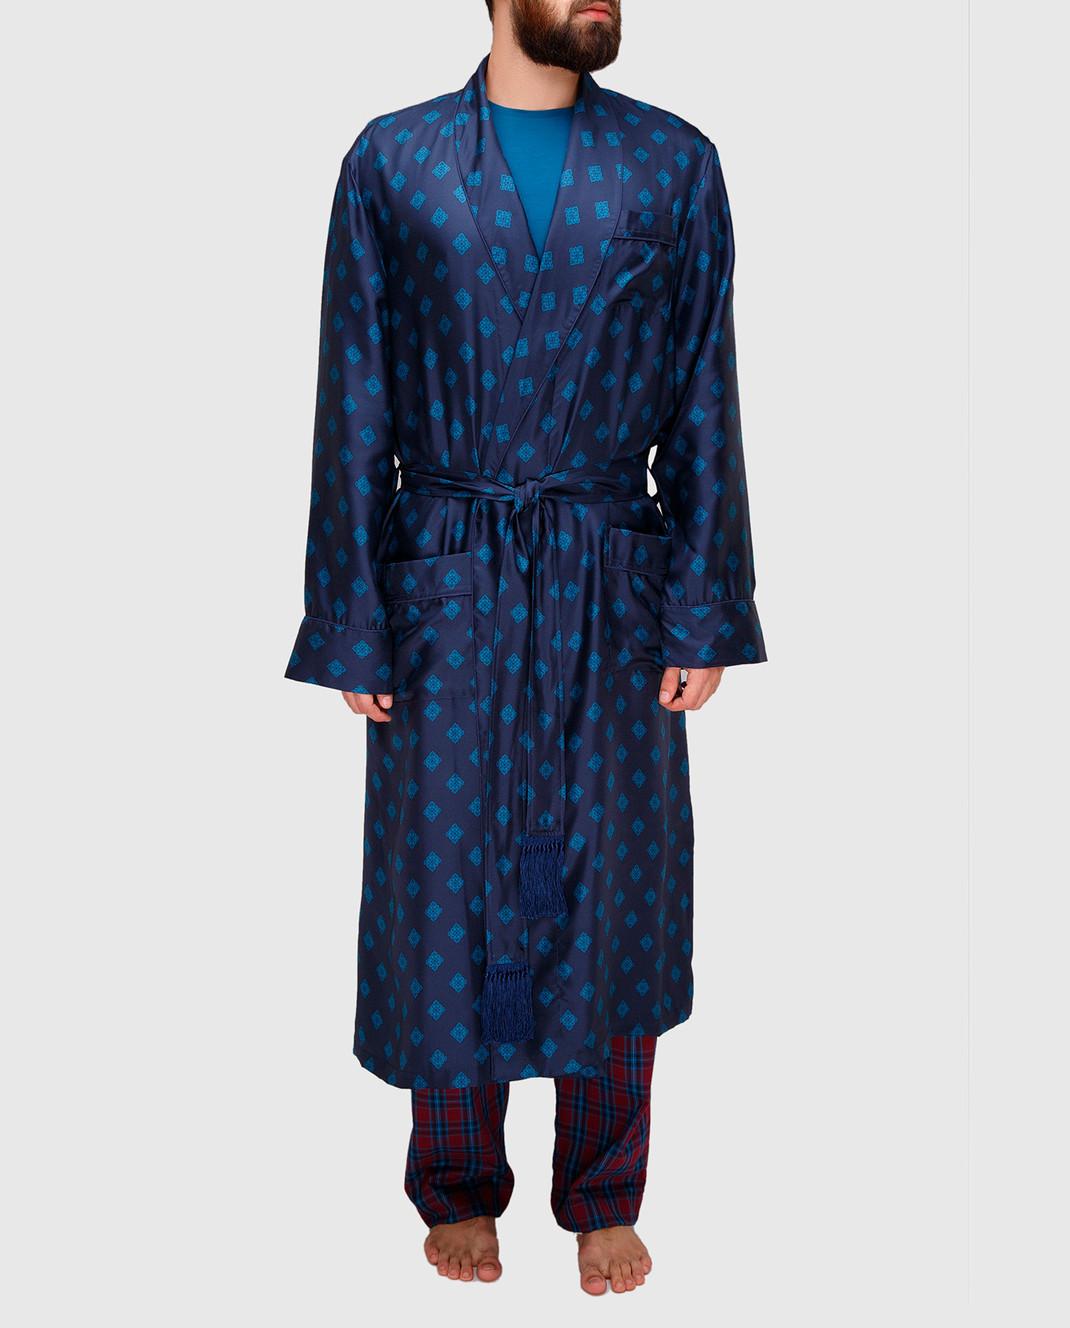 Derek Rose Темно-синий халат из шелка 5535OTIS011 изображение 3